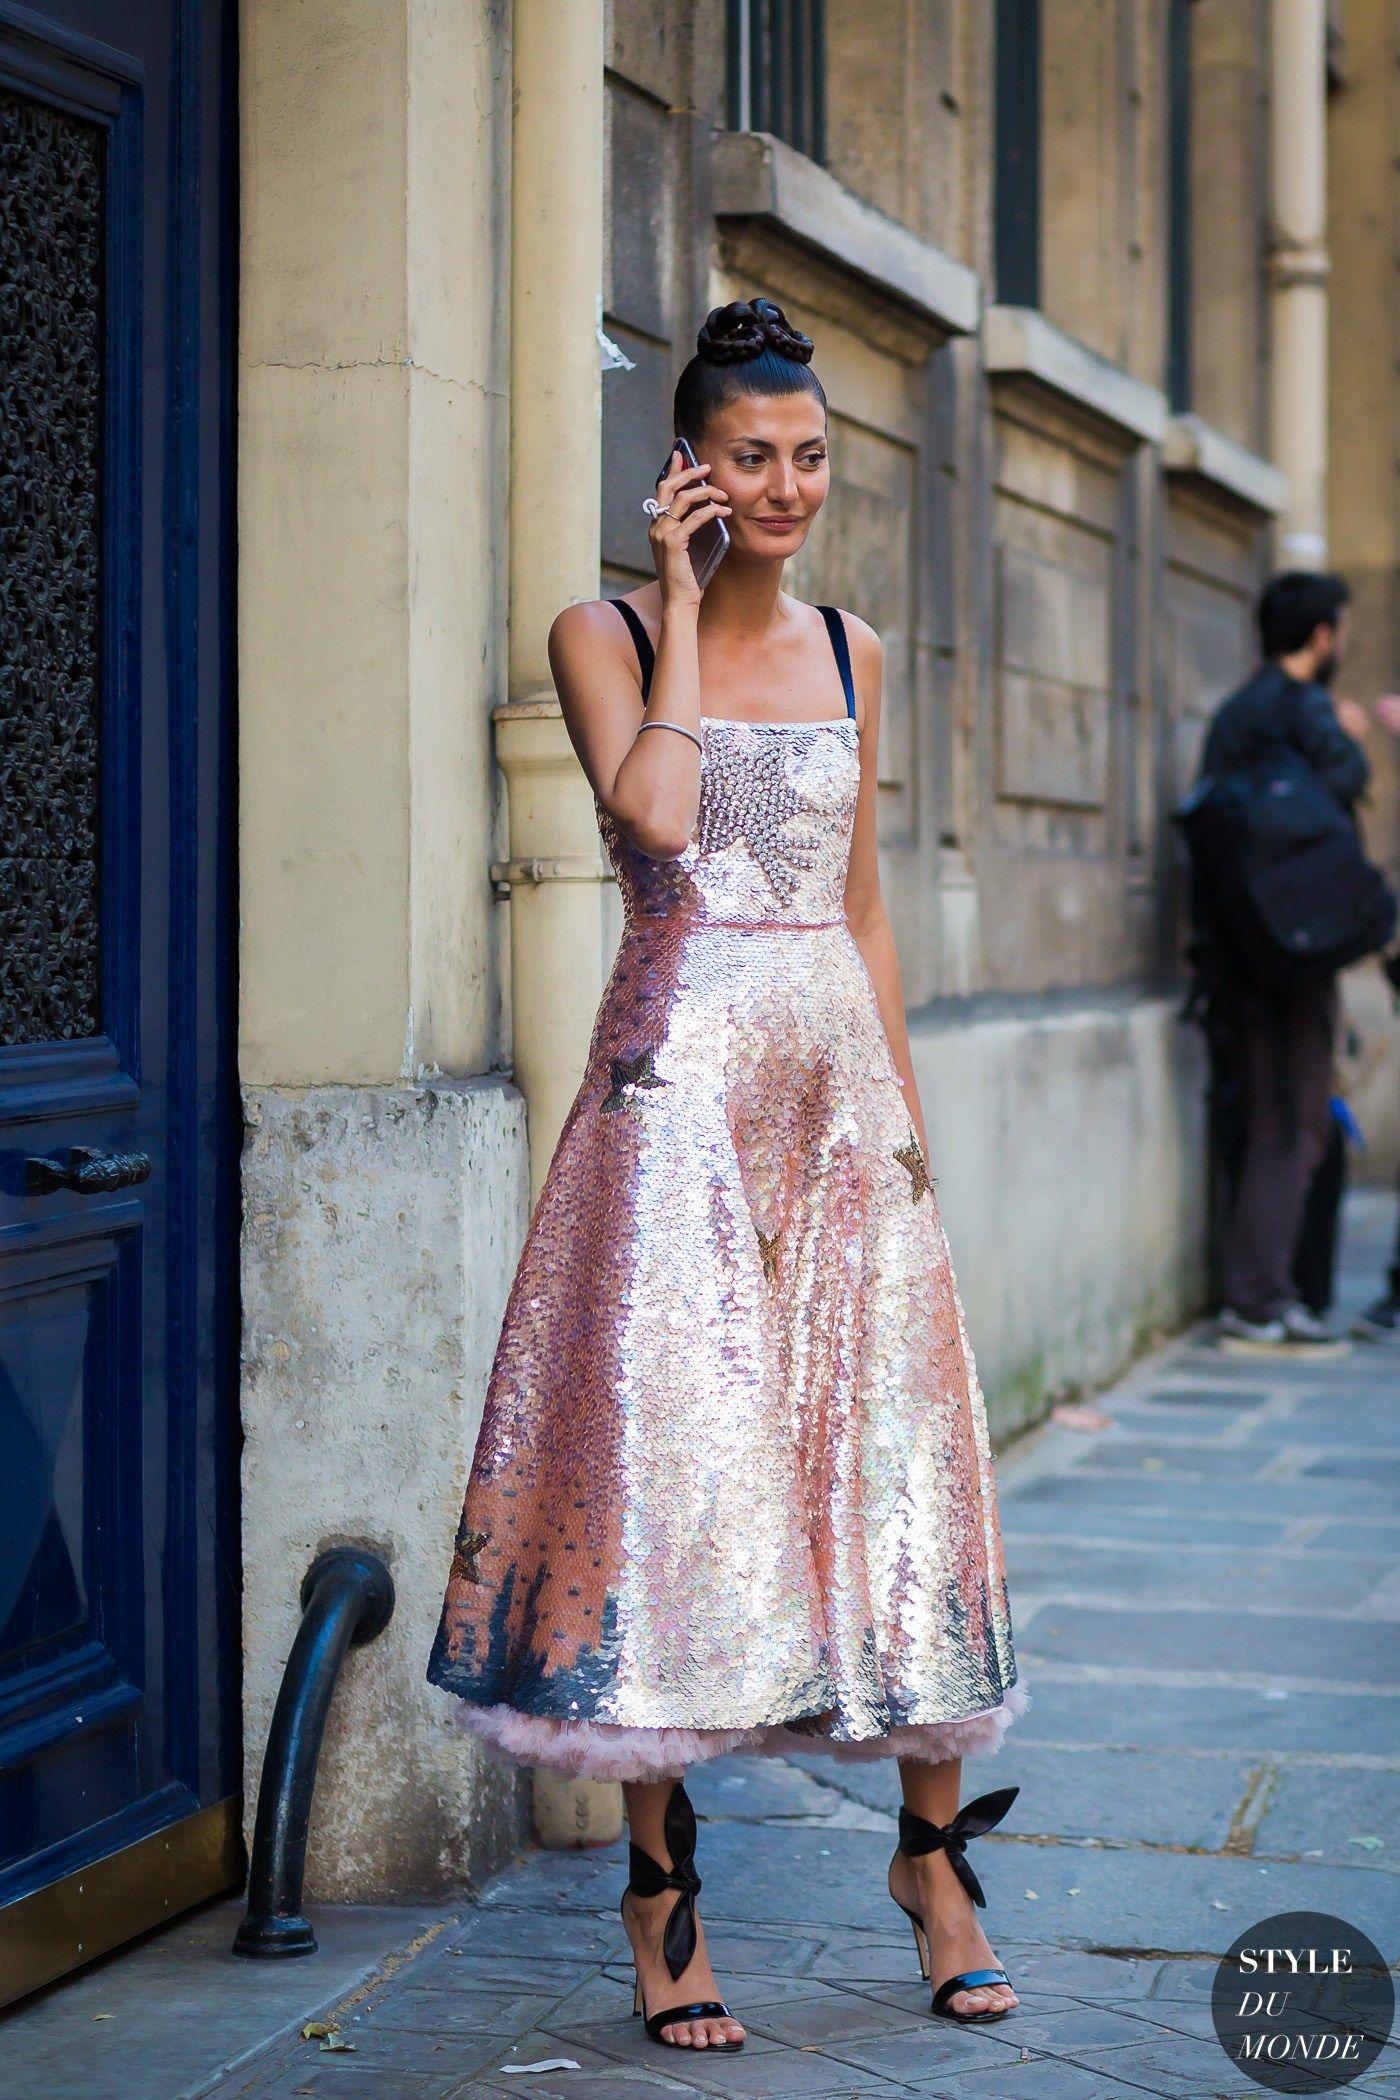 Milan Men S Ss 2017 Street Style Giovanna Engelbert Gr Brud Och Mode